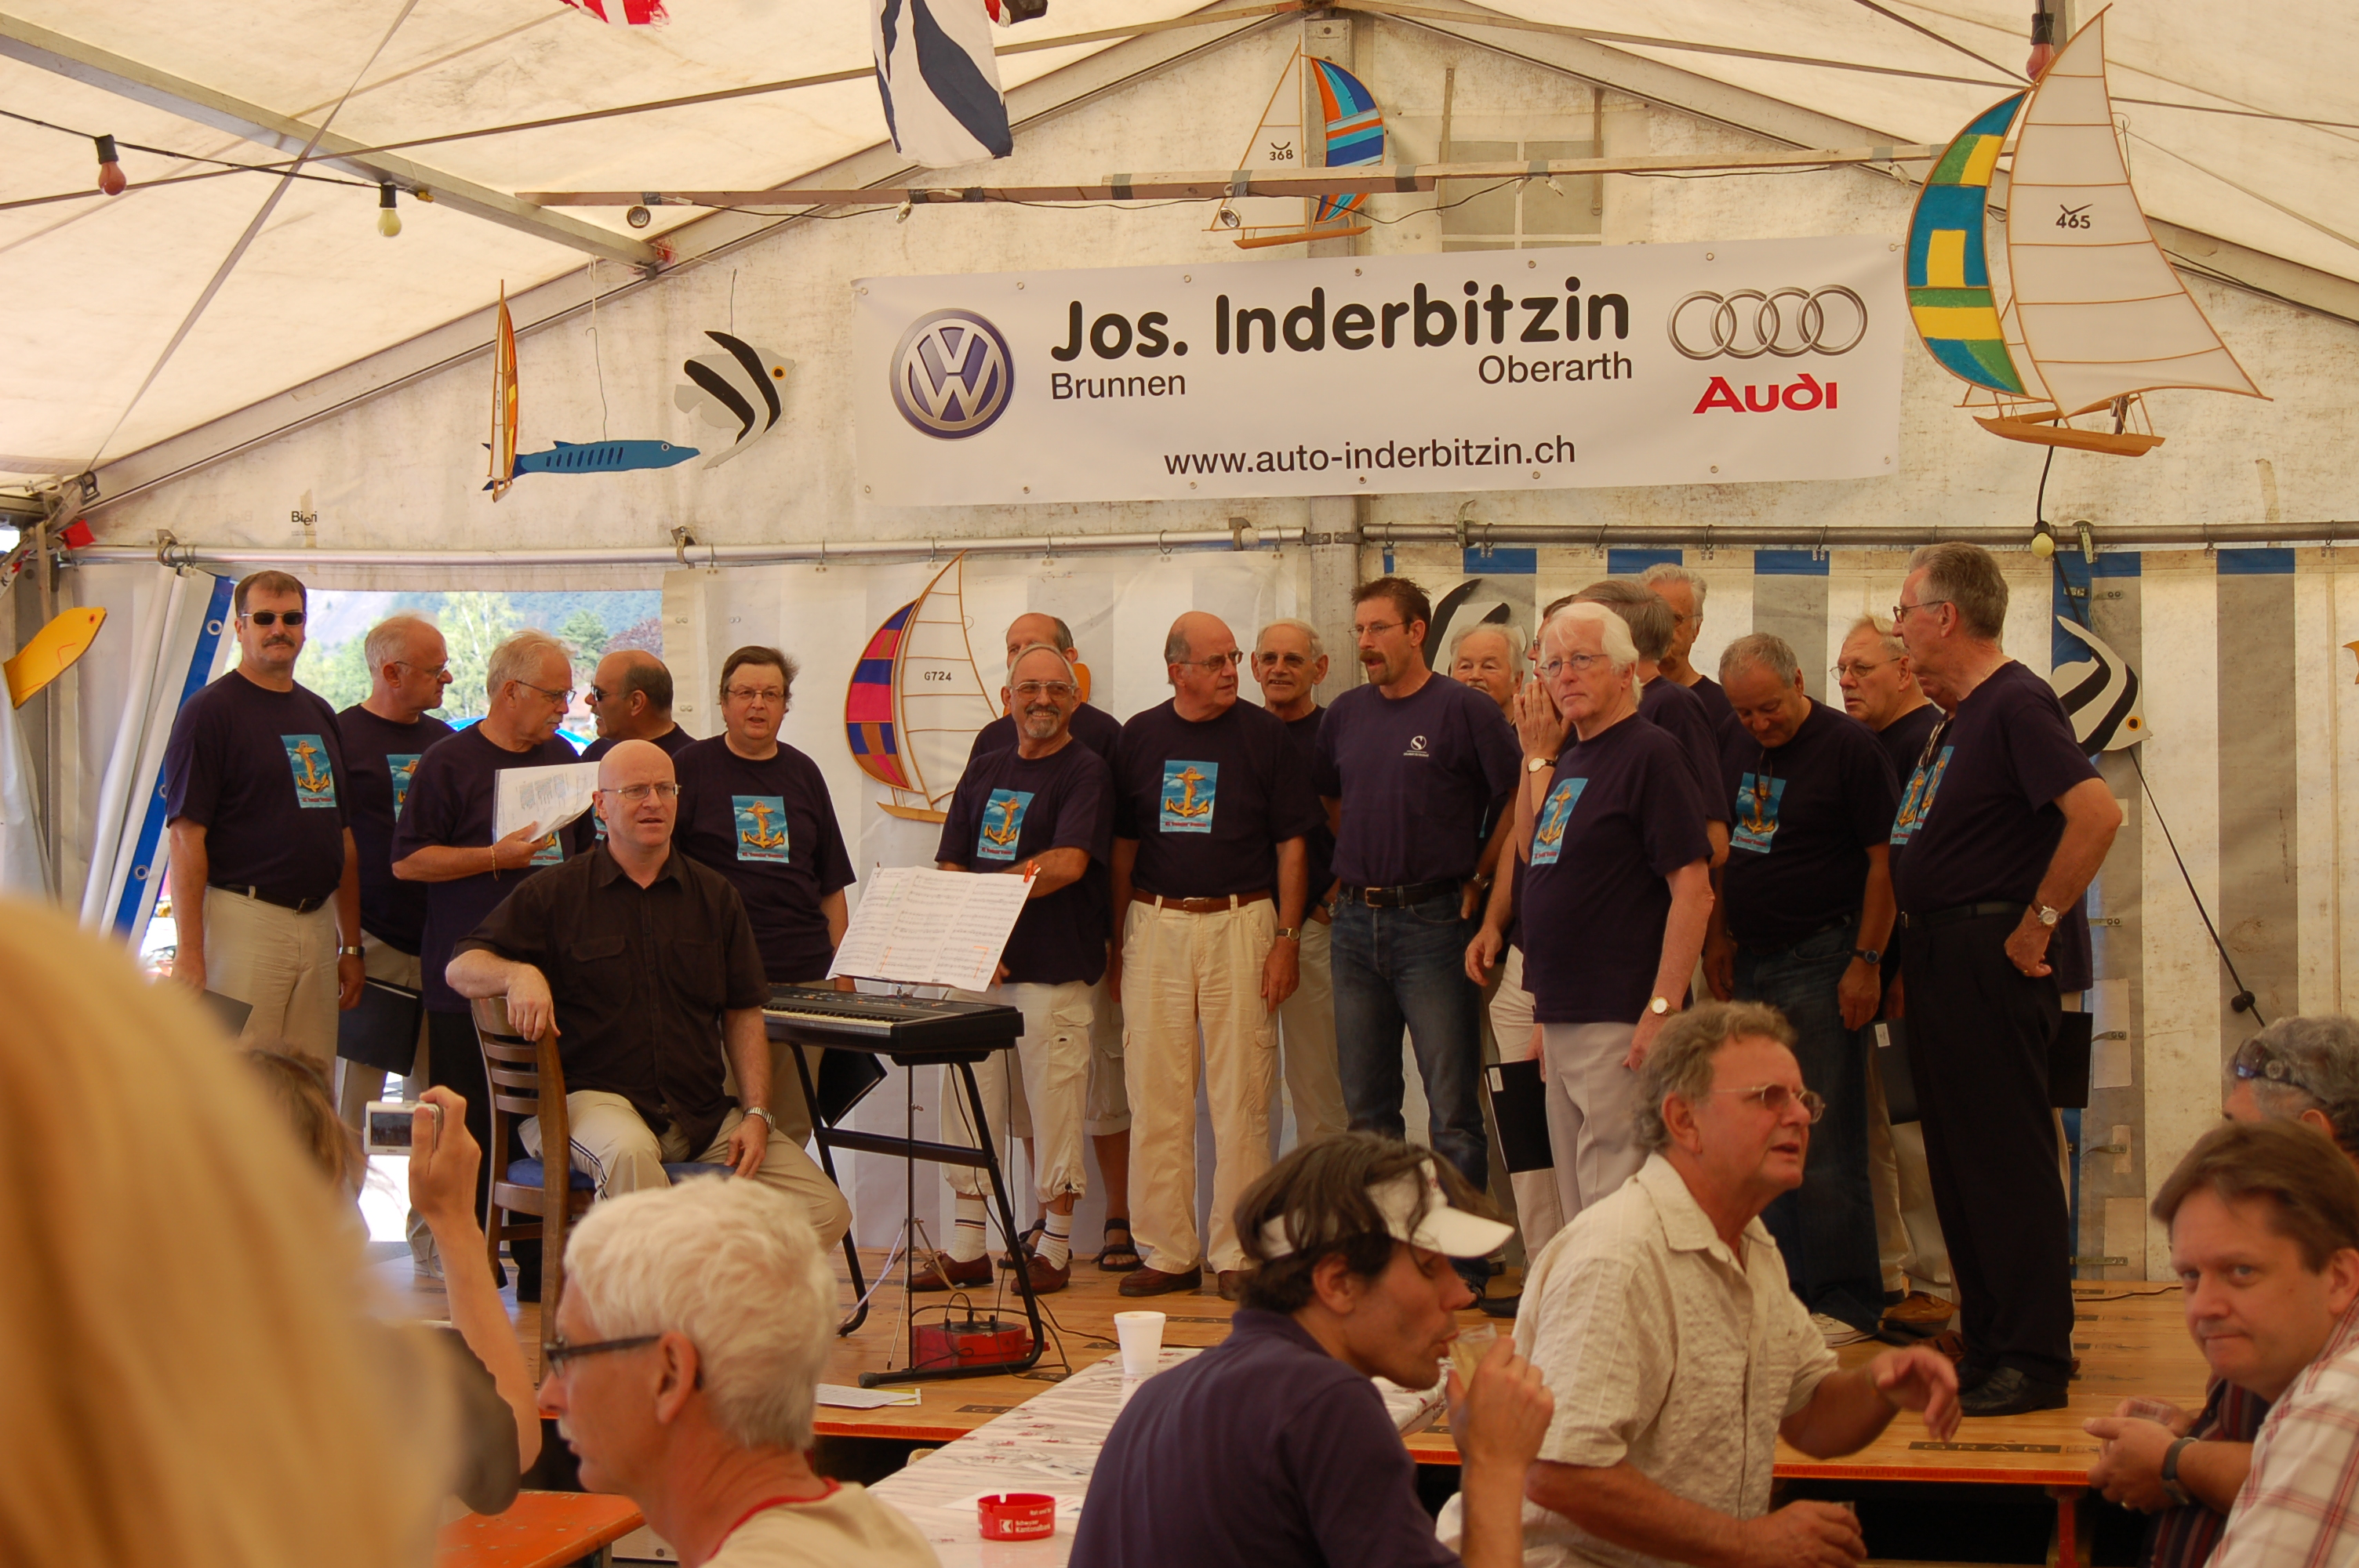 igf-hafenfest-brunnen-2009-38